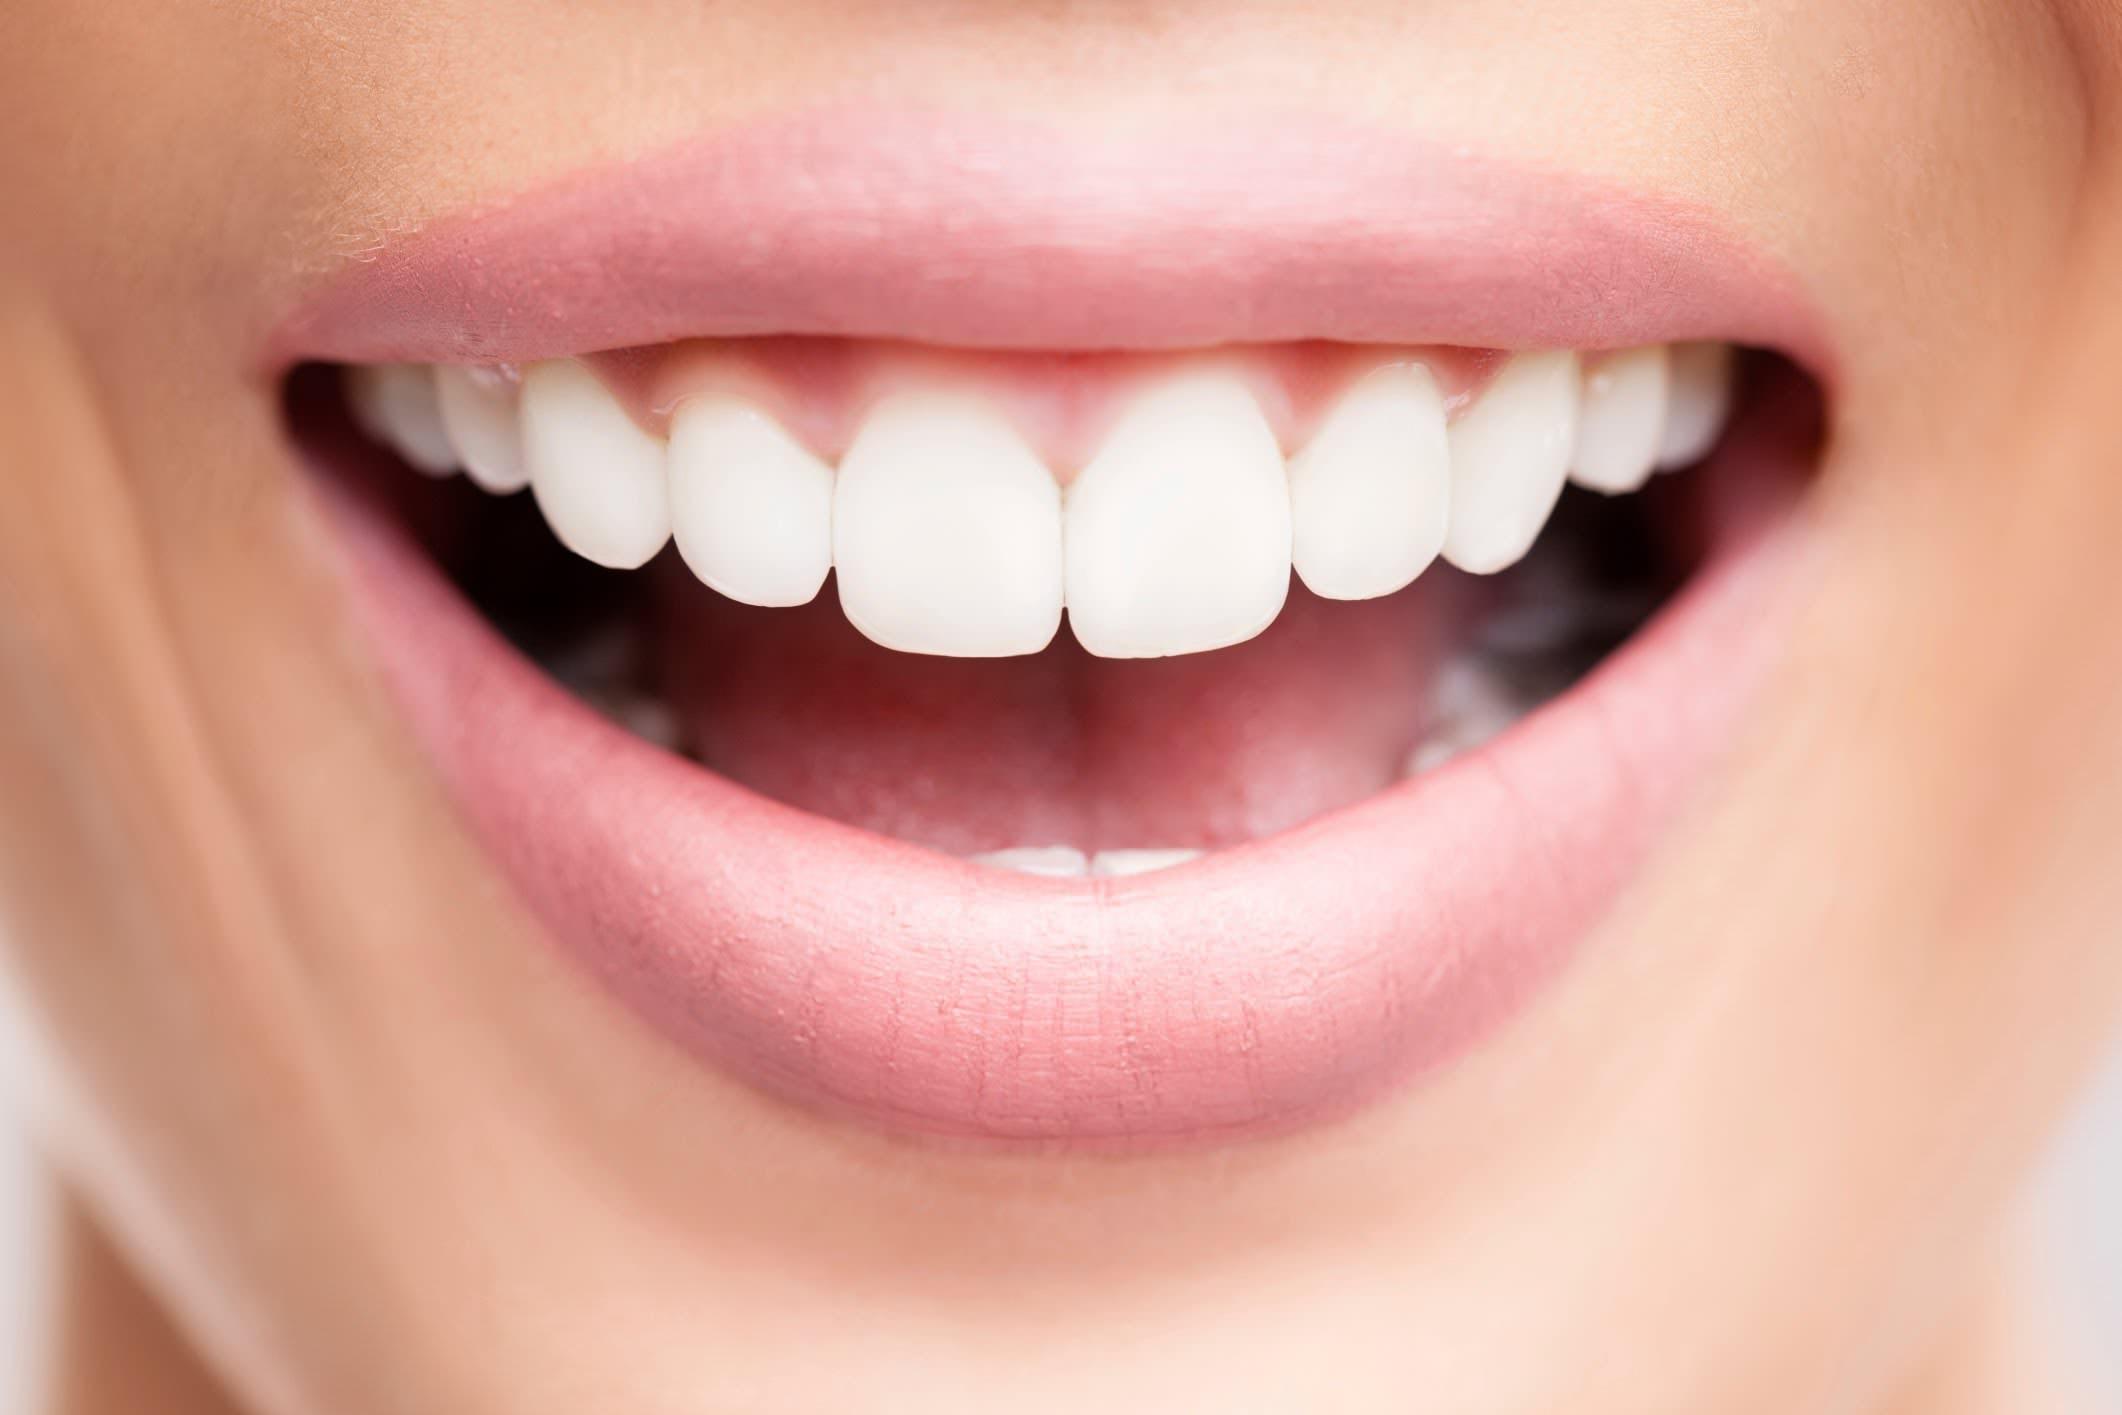 Çürük Dişin Nedeni Romatoid Artrit Olabilir! - 1